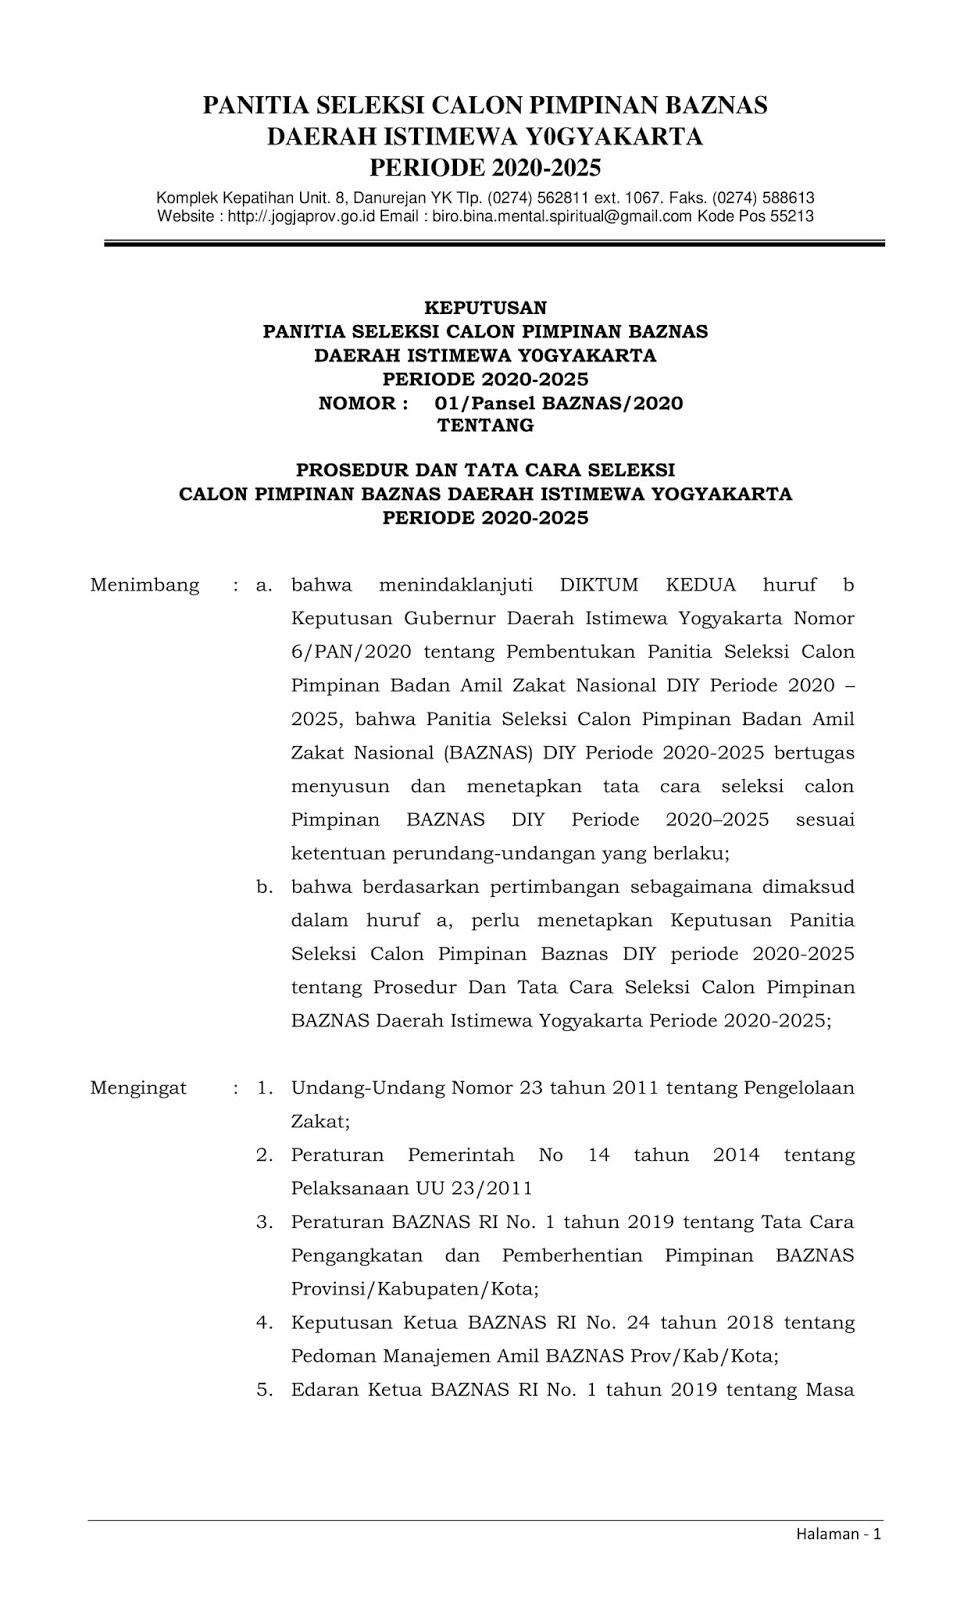 Lowongan Kerja Baznas Daerah Istimewa Yokyakarta Tahun 2020